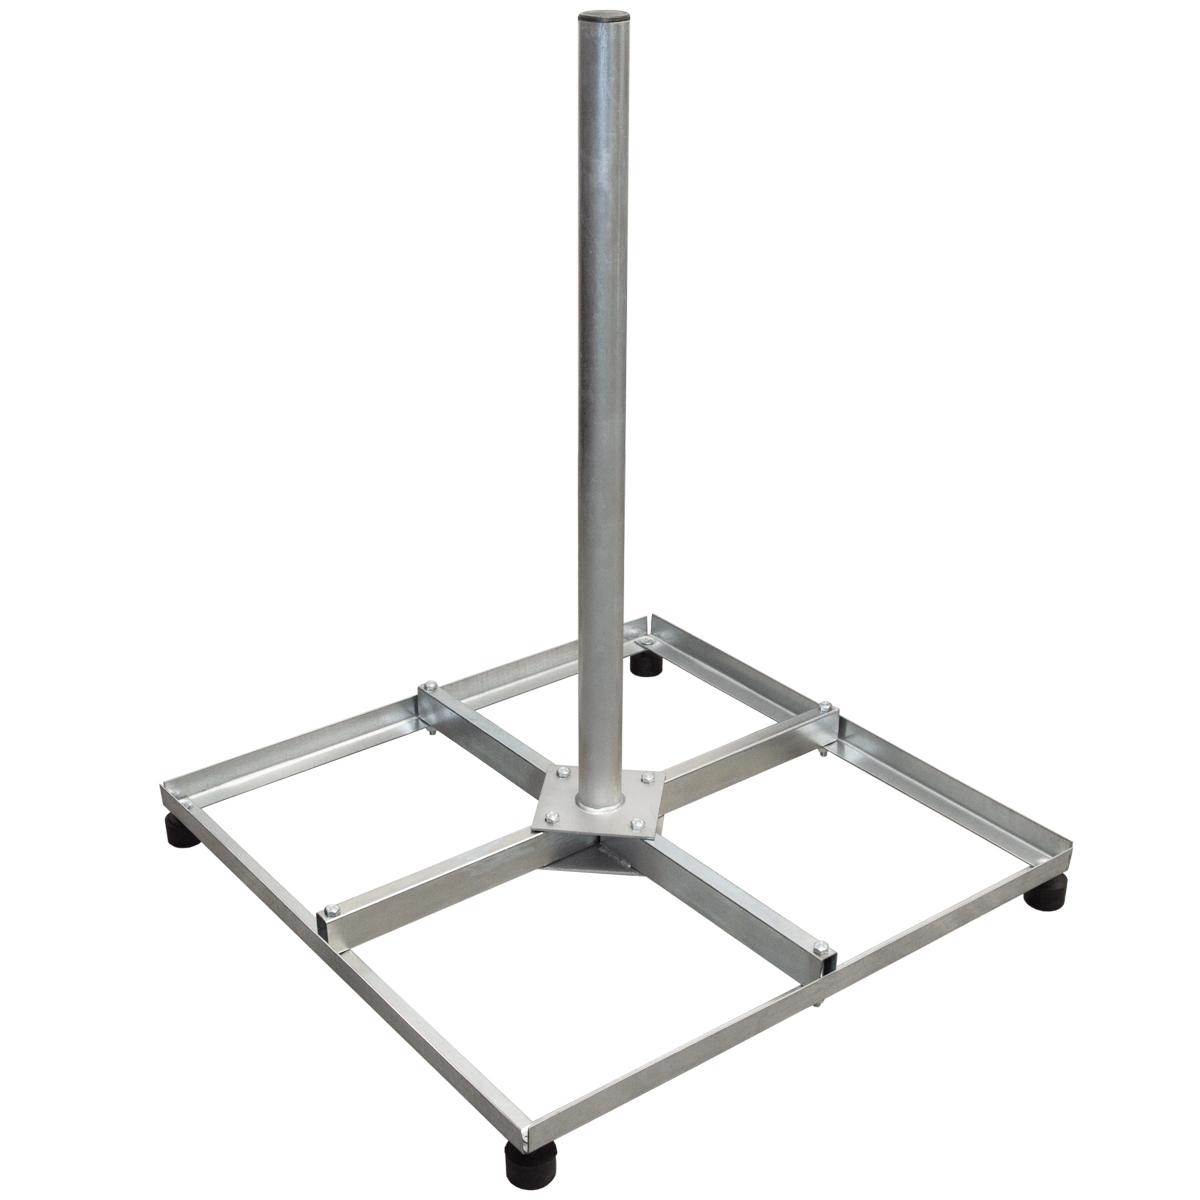 PremiumX Balkonständer Stahl 4 X 30 X 30 TWD Holland mit Mast / Sat Flachdachständer für Satellitenschüssel